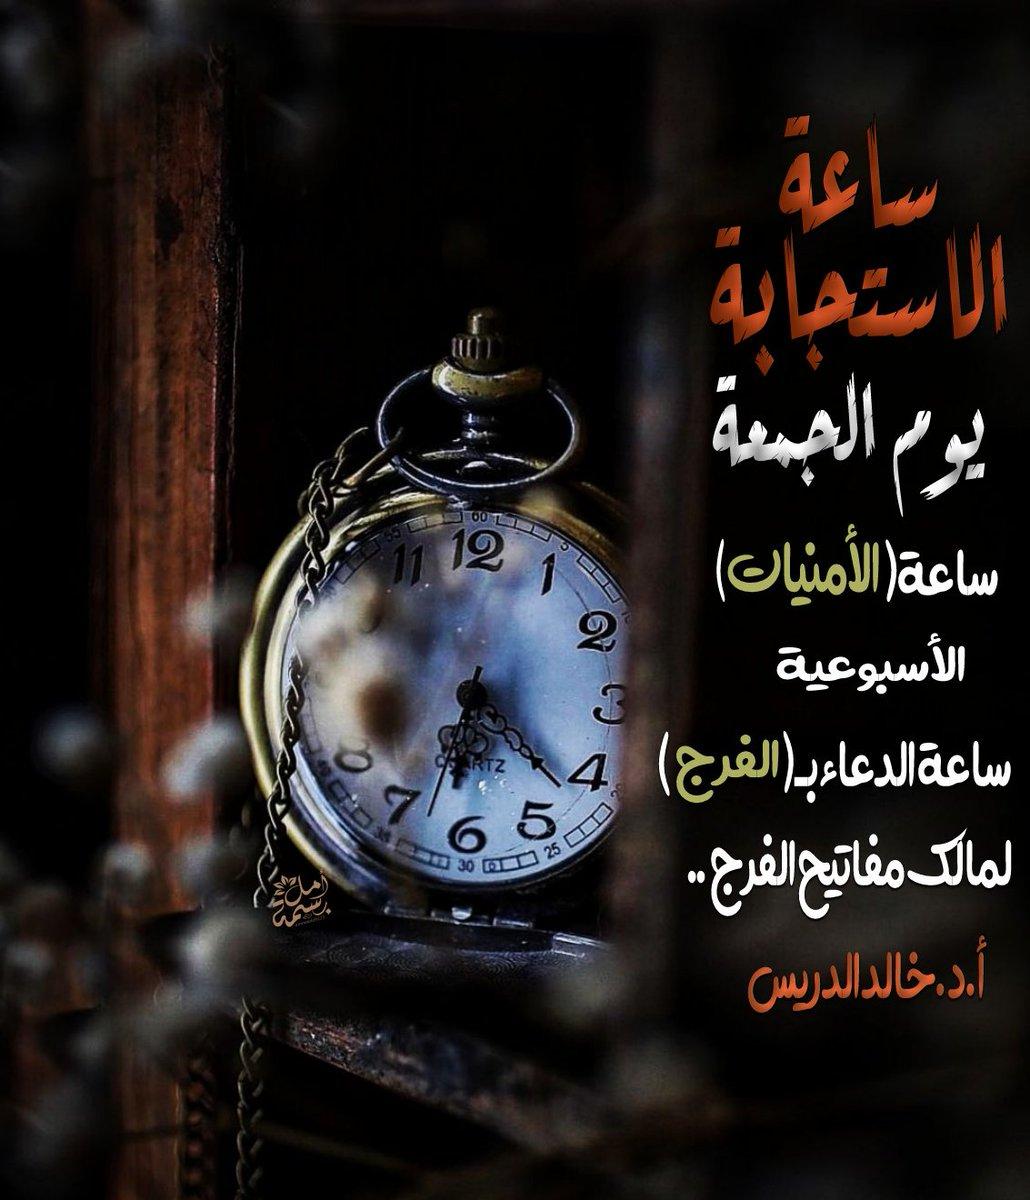 بسمة أمل On Twitter ساعة الجمعة ساعة الاستجابة يوم الجمعة ساعة